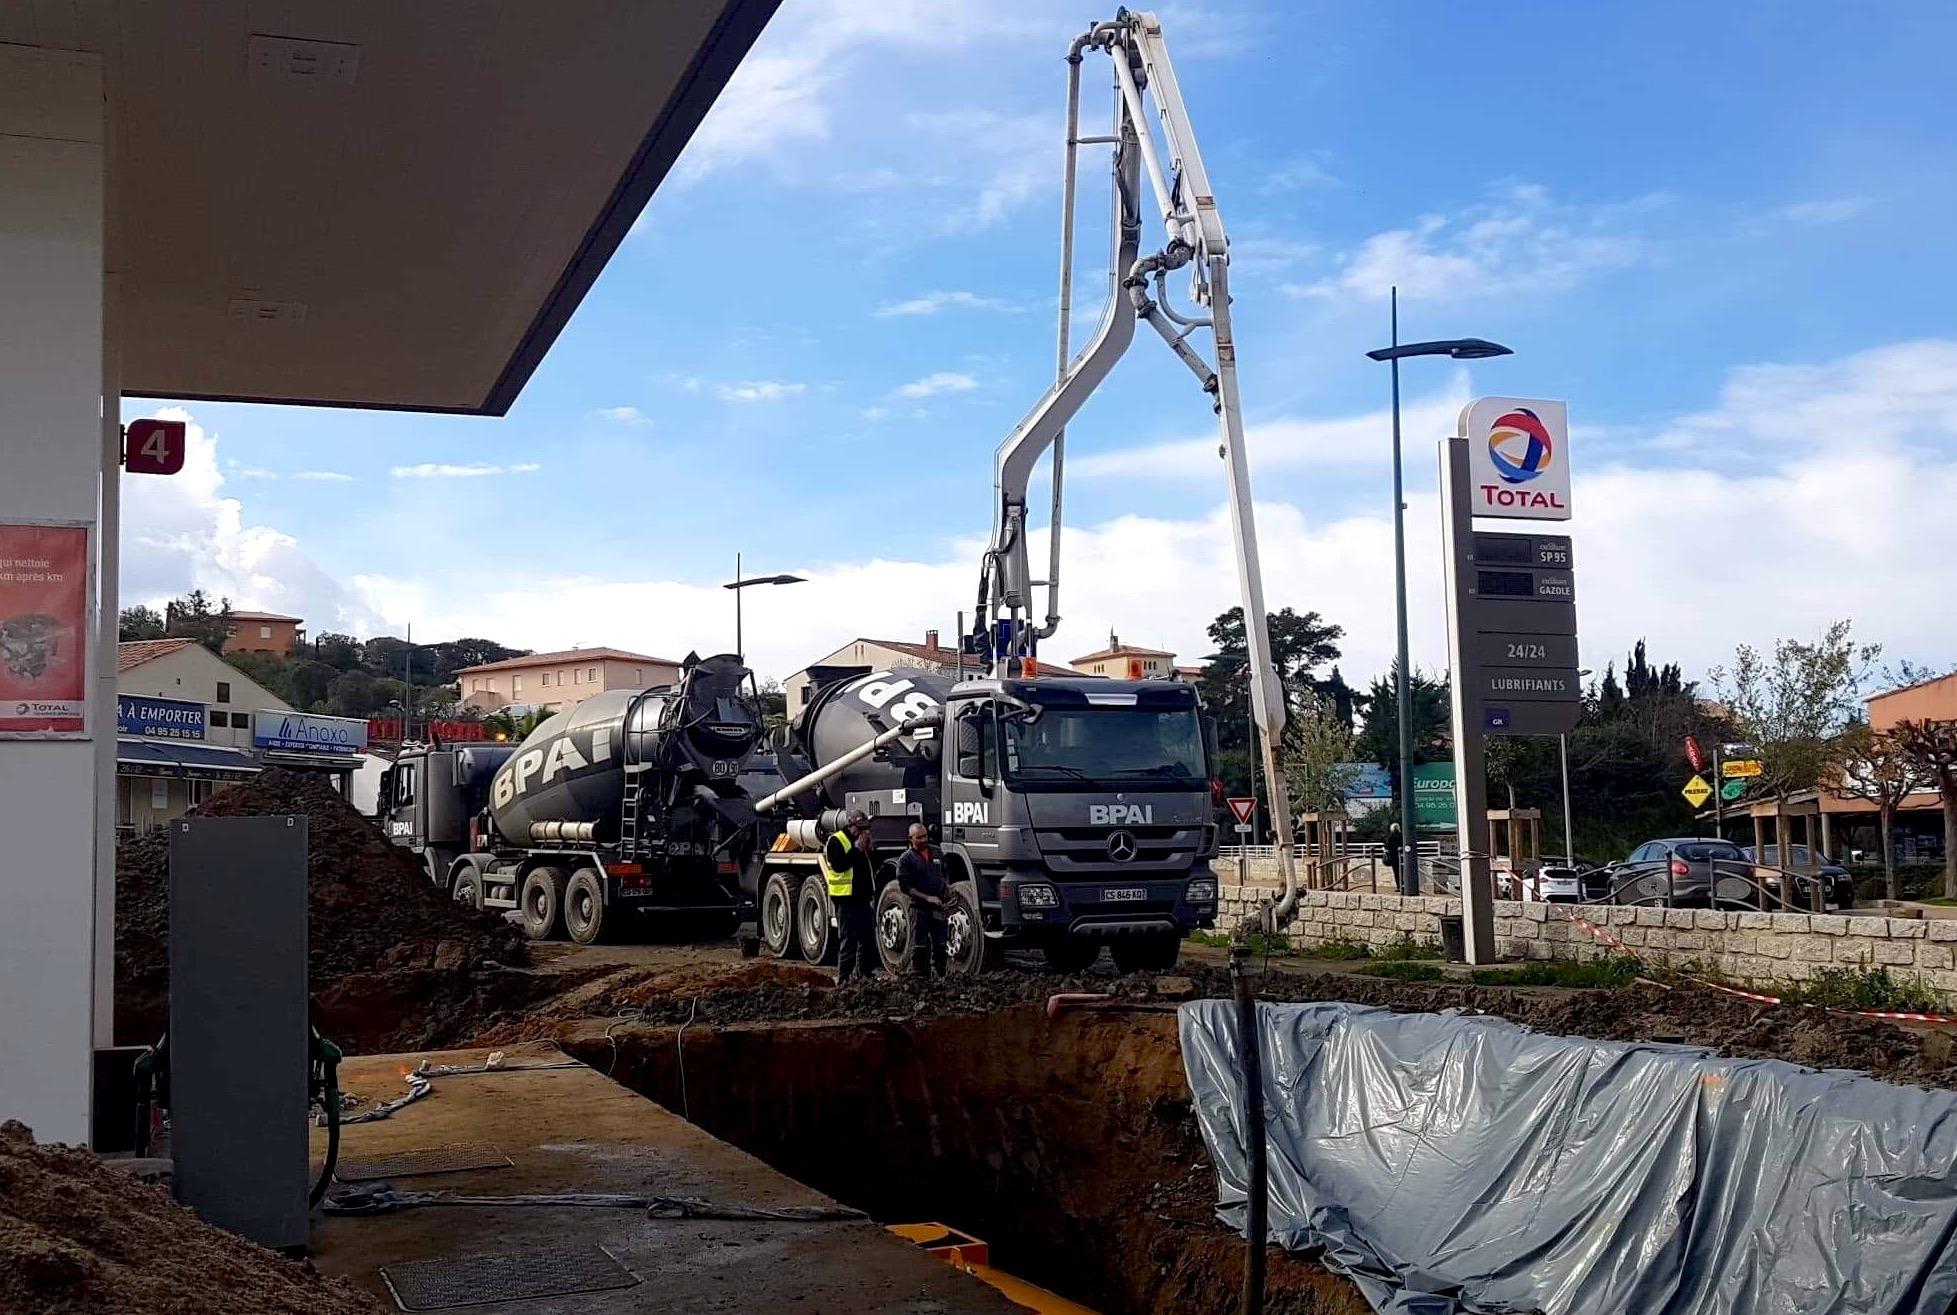 Station essence Porticcio BPAI organise la livraison et la manutention de bétons et mortiers prêts à l'emploi #BPE directement sur votre chantier. Pour les professionnels ou les particuliers